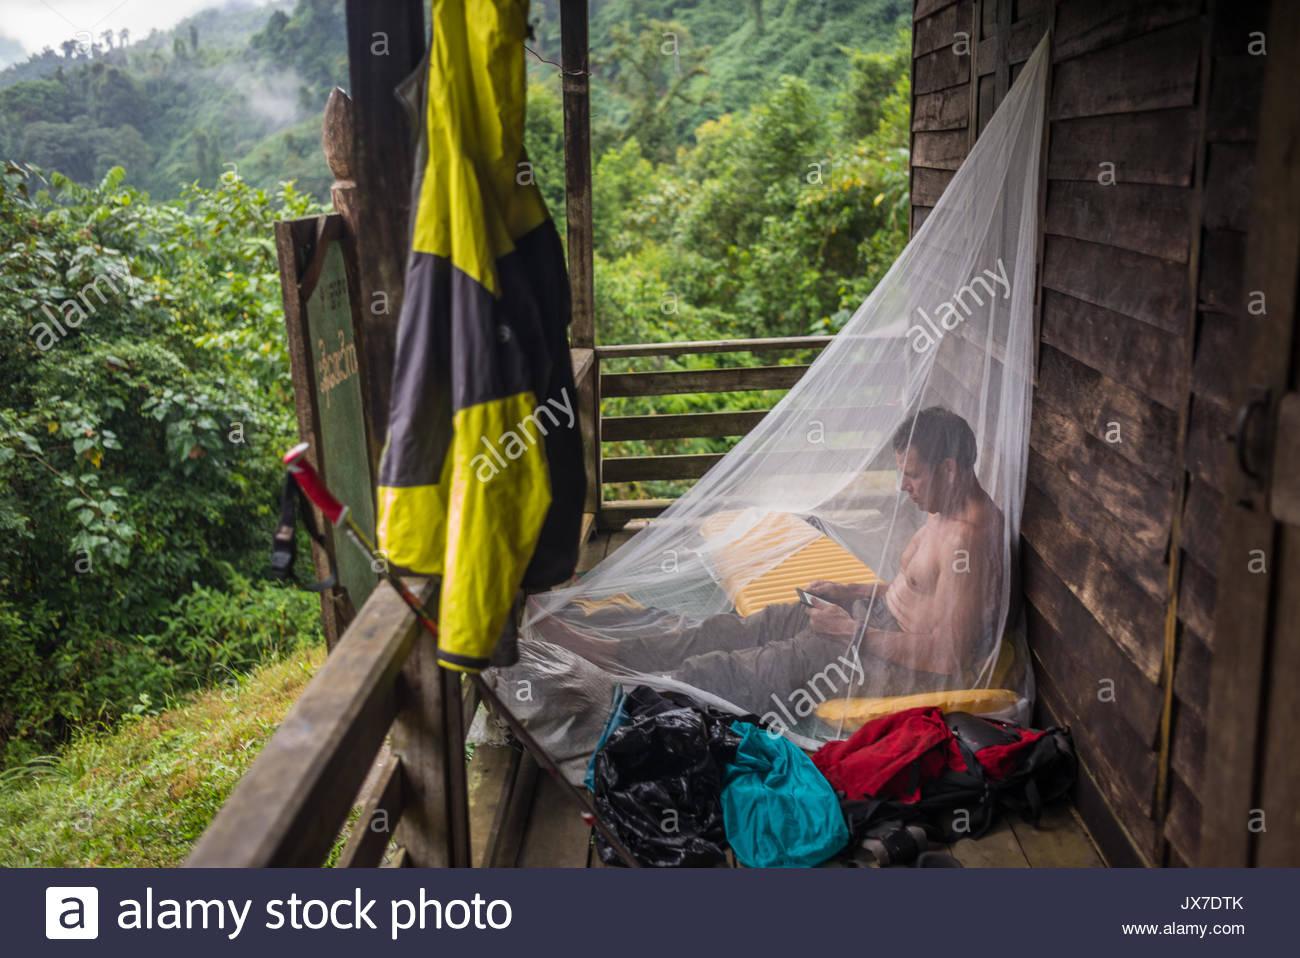 Un membre de l'expédition se trouve à l'extérieur, recouvert d'une moustiquaire, tandis qu'il utilise son téléphone. Photo Stock